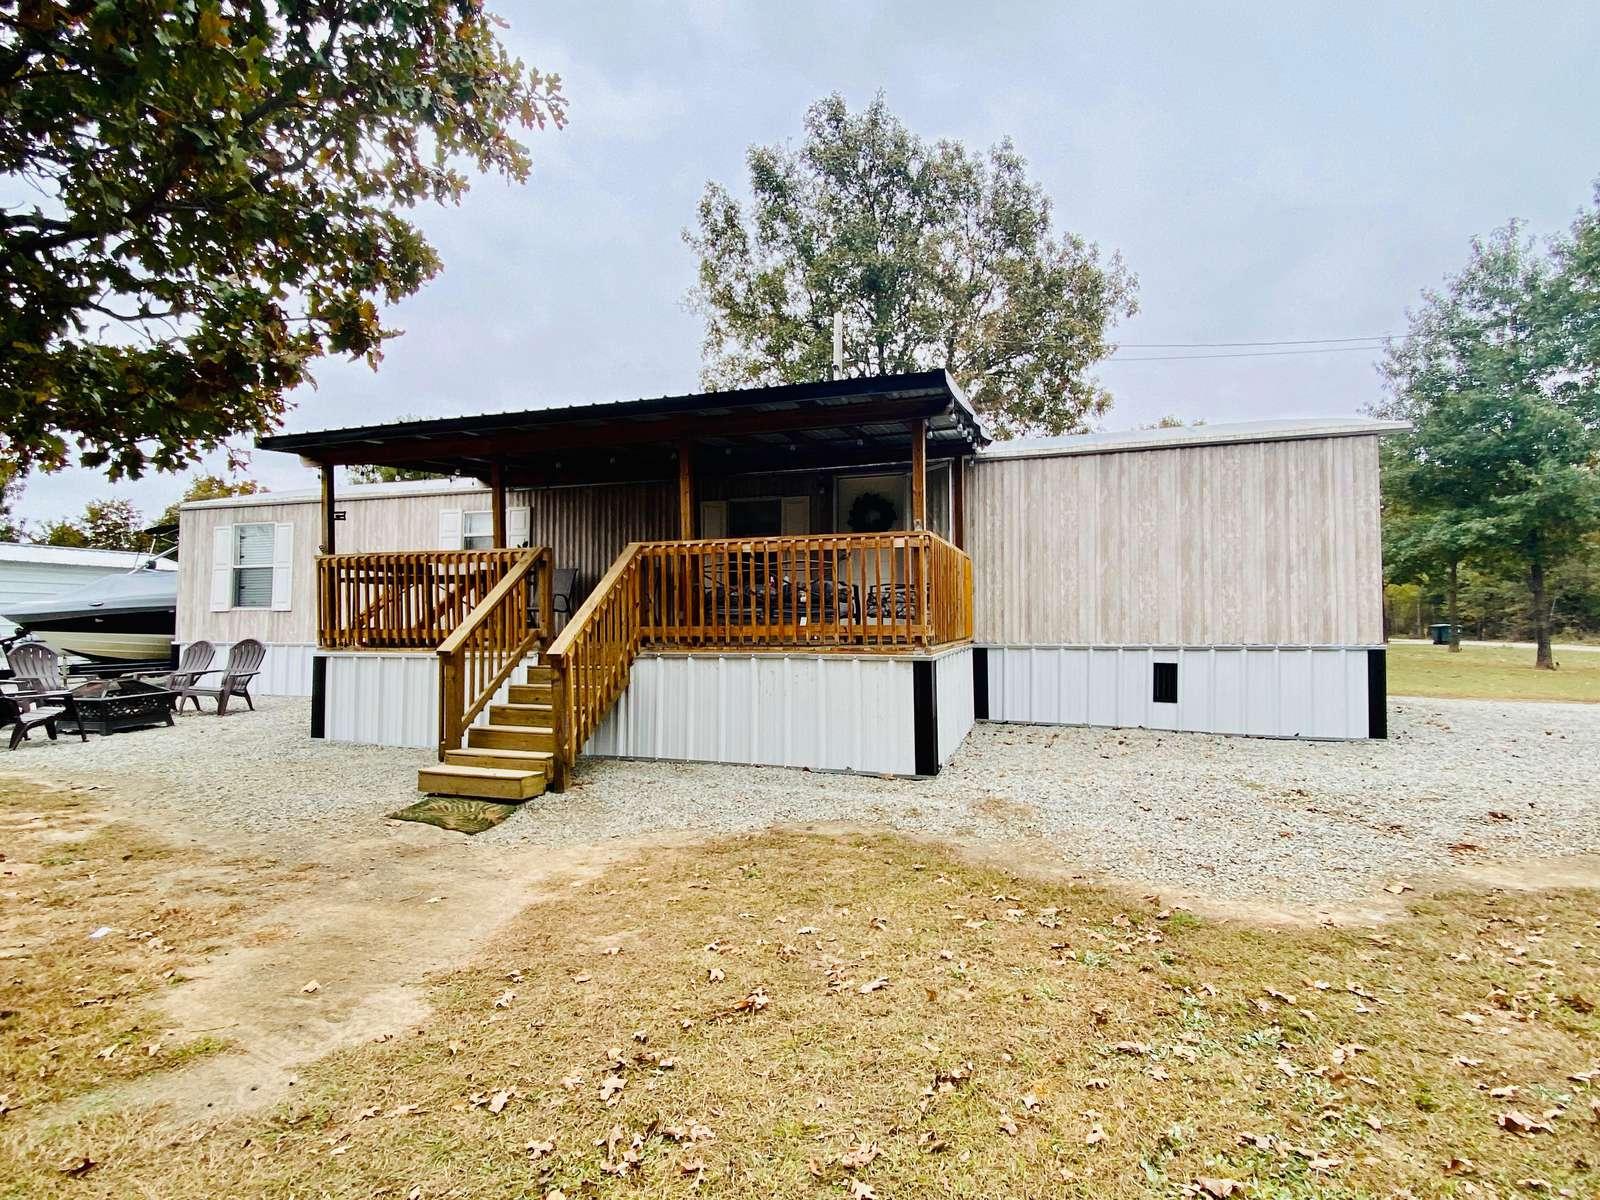 The EnDearing Retreat at Porum Landing - property